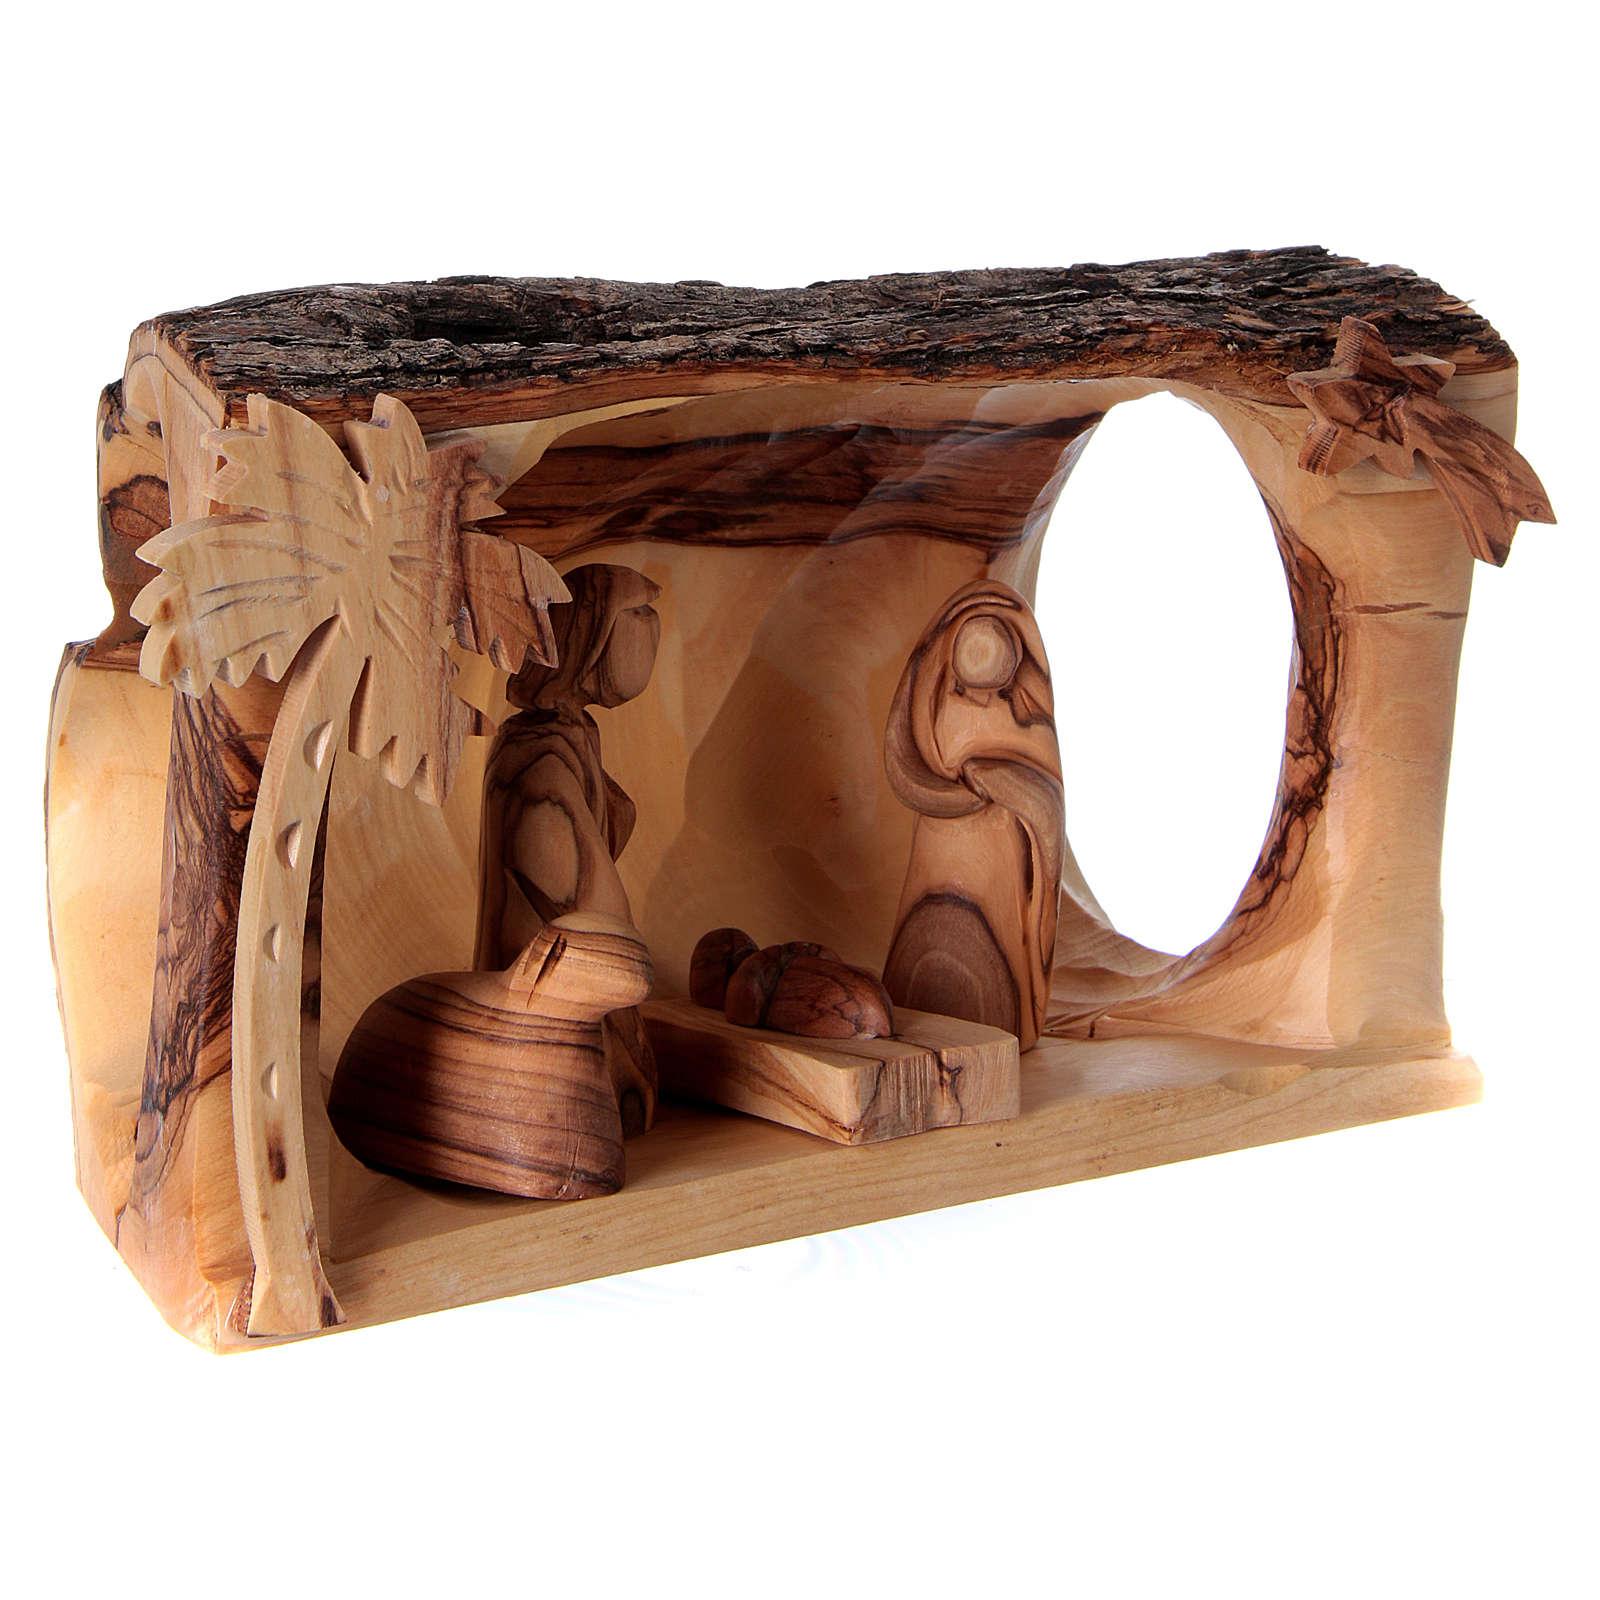 Capanna con Natività in legno d'ulivo Betlemme 10x20x10 cm 4